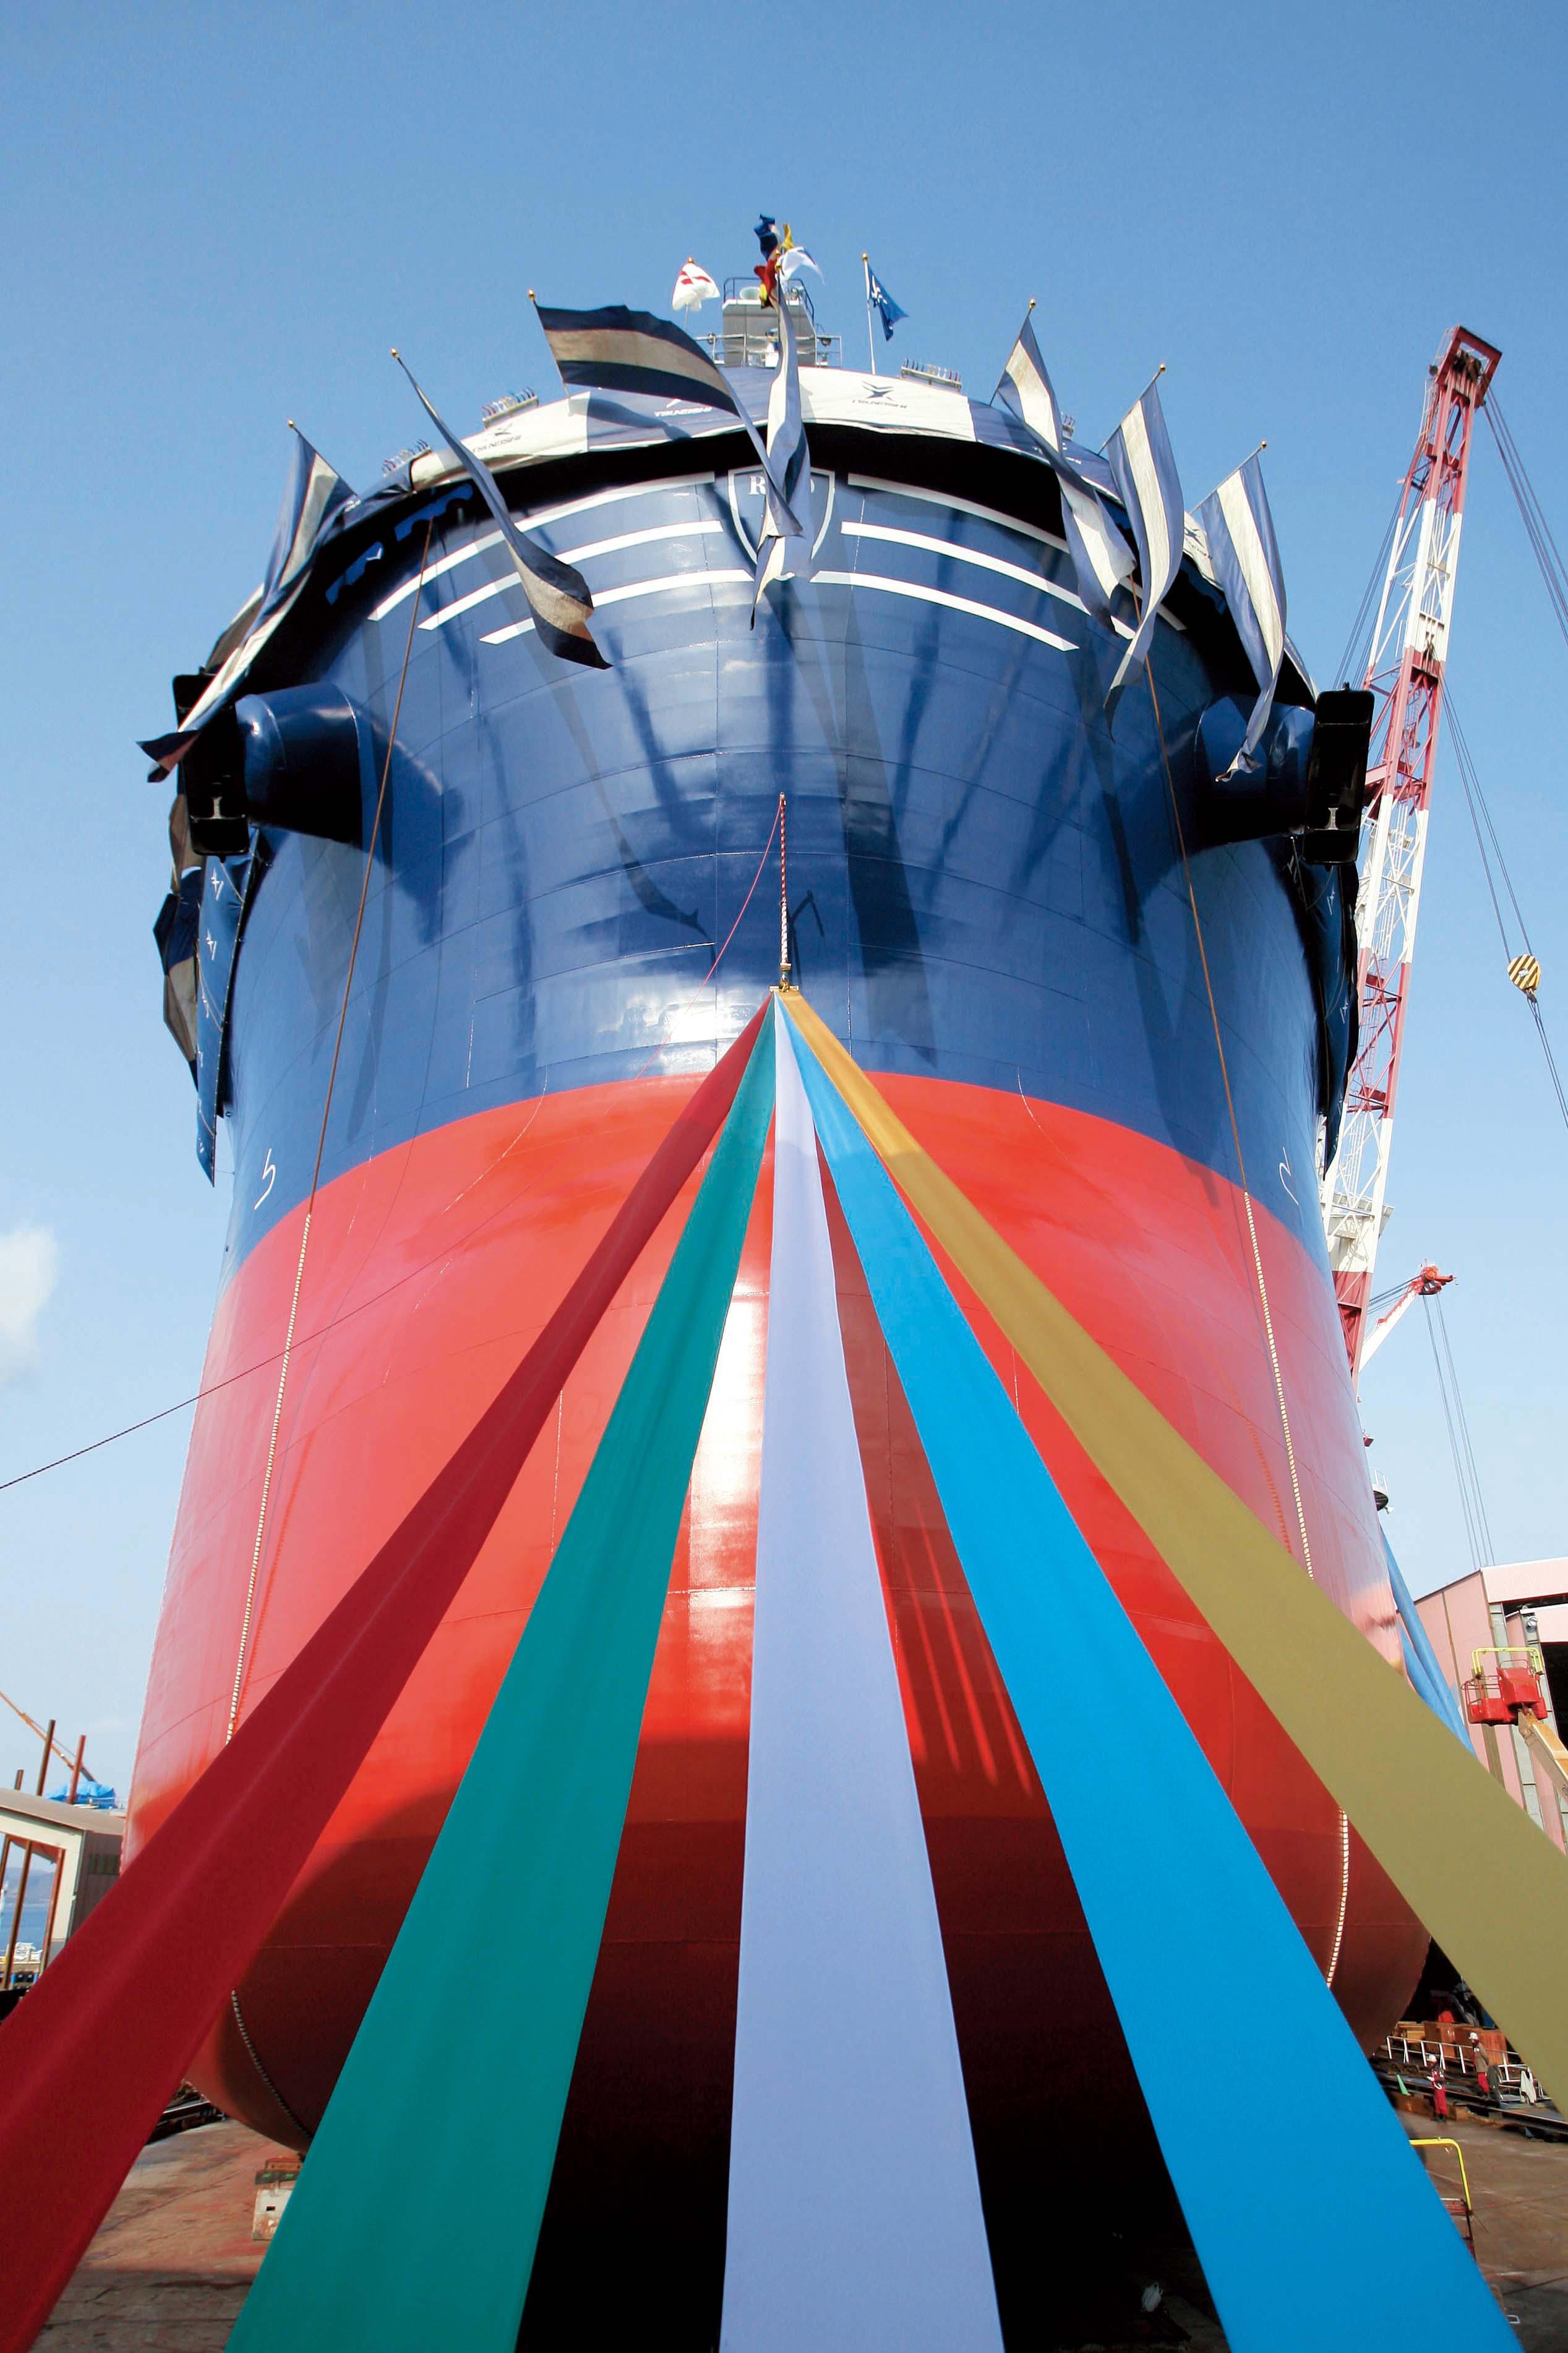 巨大な船が船台をすべり降りる姿はまさに圧巻です